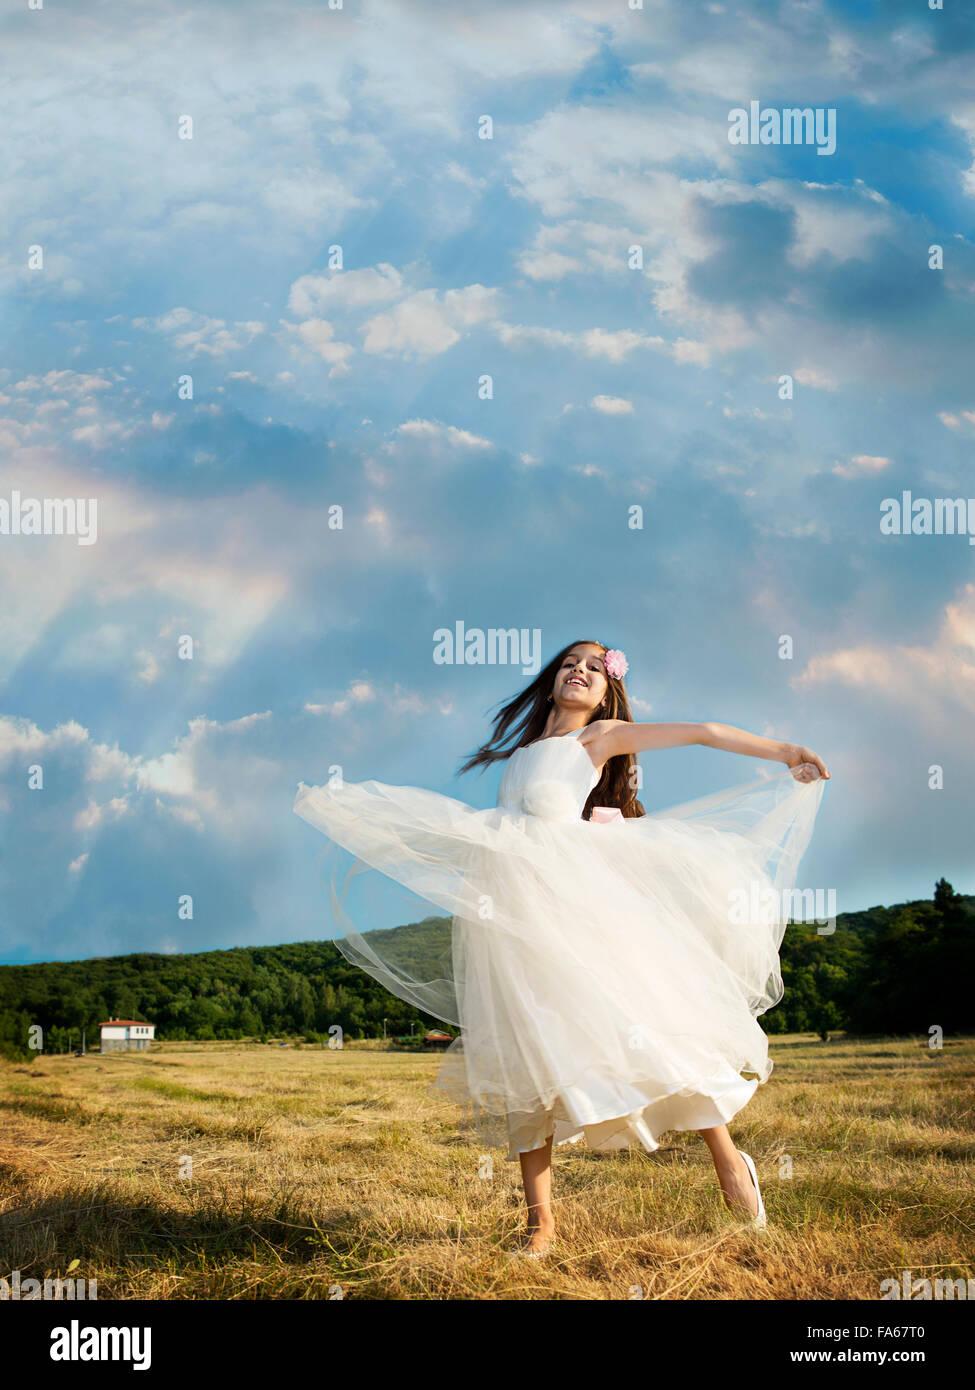 Vertical, al aire libre, el día, la gente real, a una persona, las niñas, los niños, sólo una niña, un niño solamente, Foto de stock